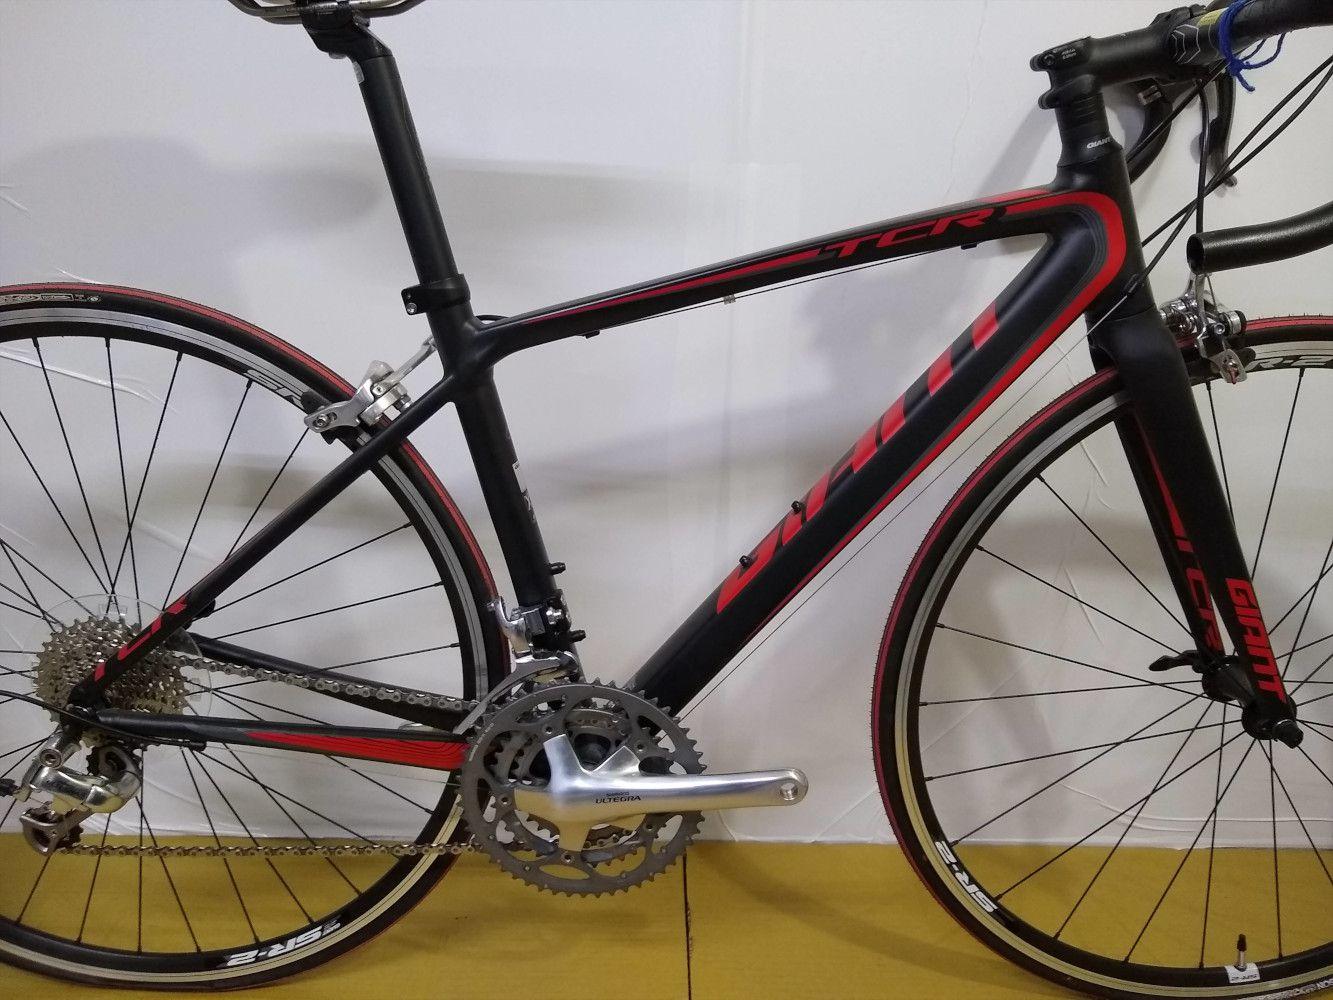 QUADRO GIANT - TCR 1 - ARO 700